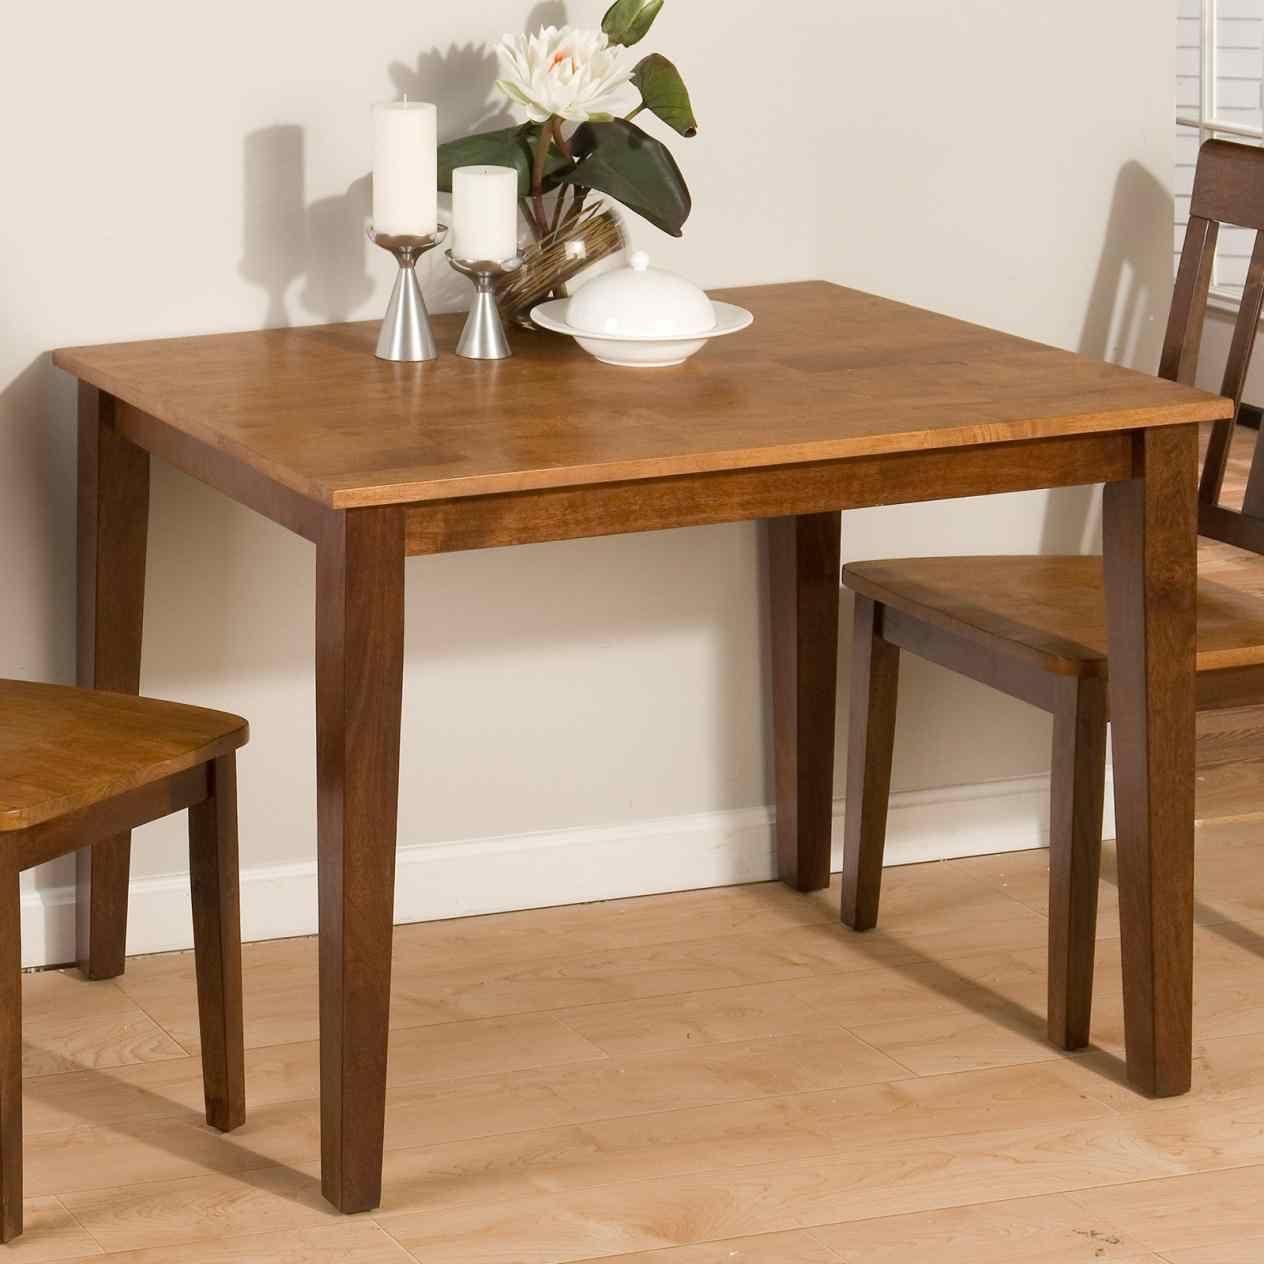 Small Kitchen Table With Chairs Rechteckiger Esstisch Esstisch